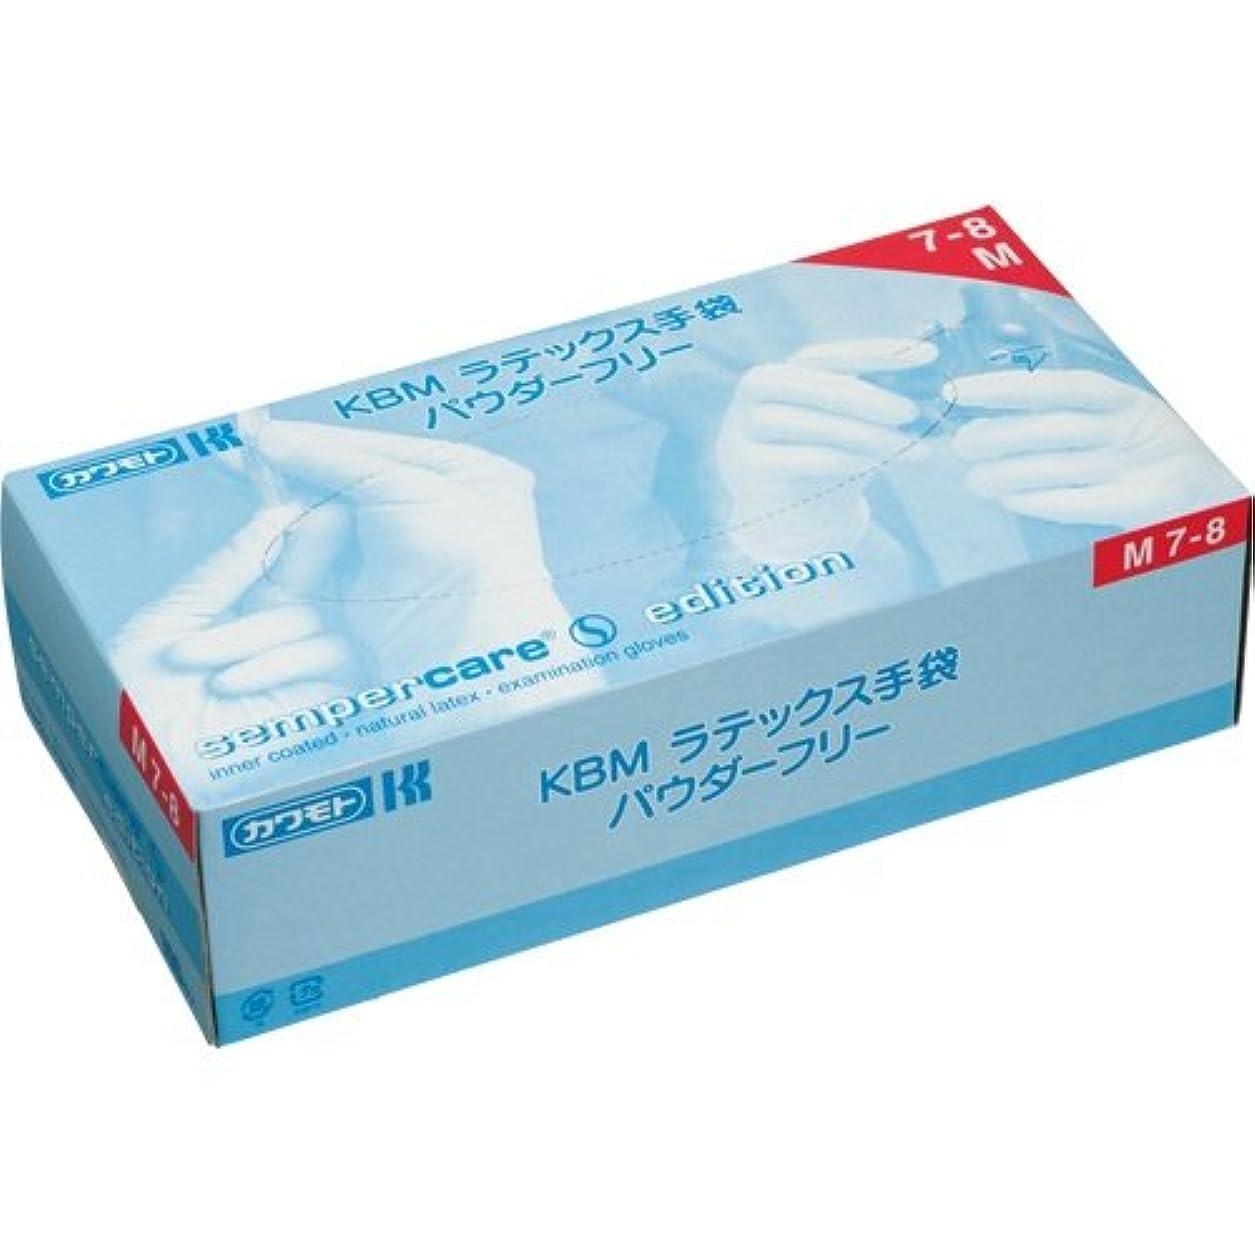 シール自体誤カワモト KBM ラテックス手袋 パウダーフリー M 1セット(300枚:100枚×3箱)